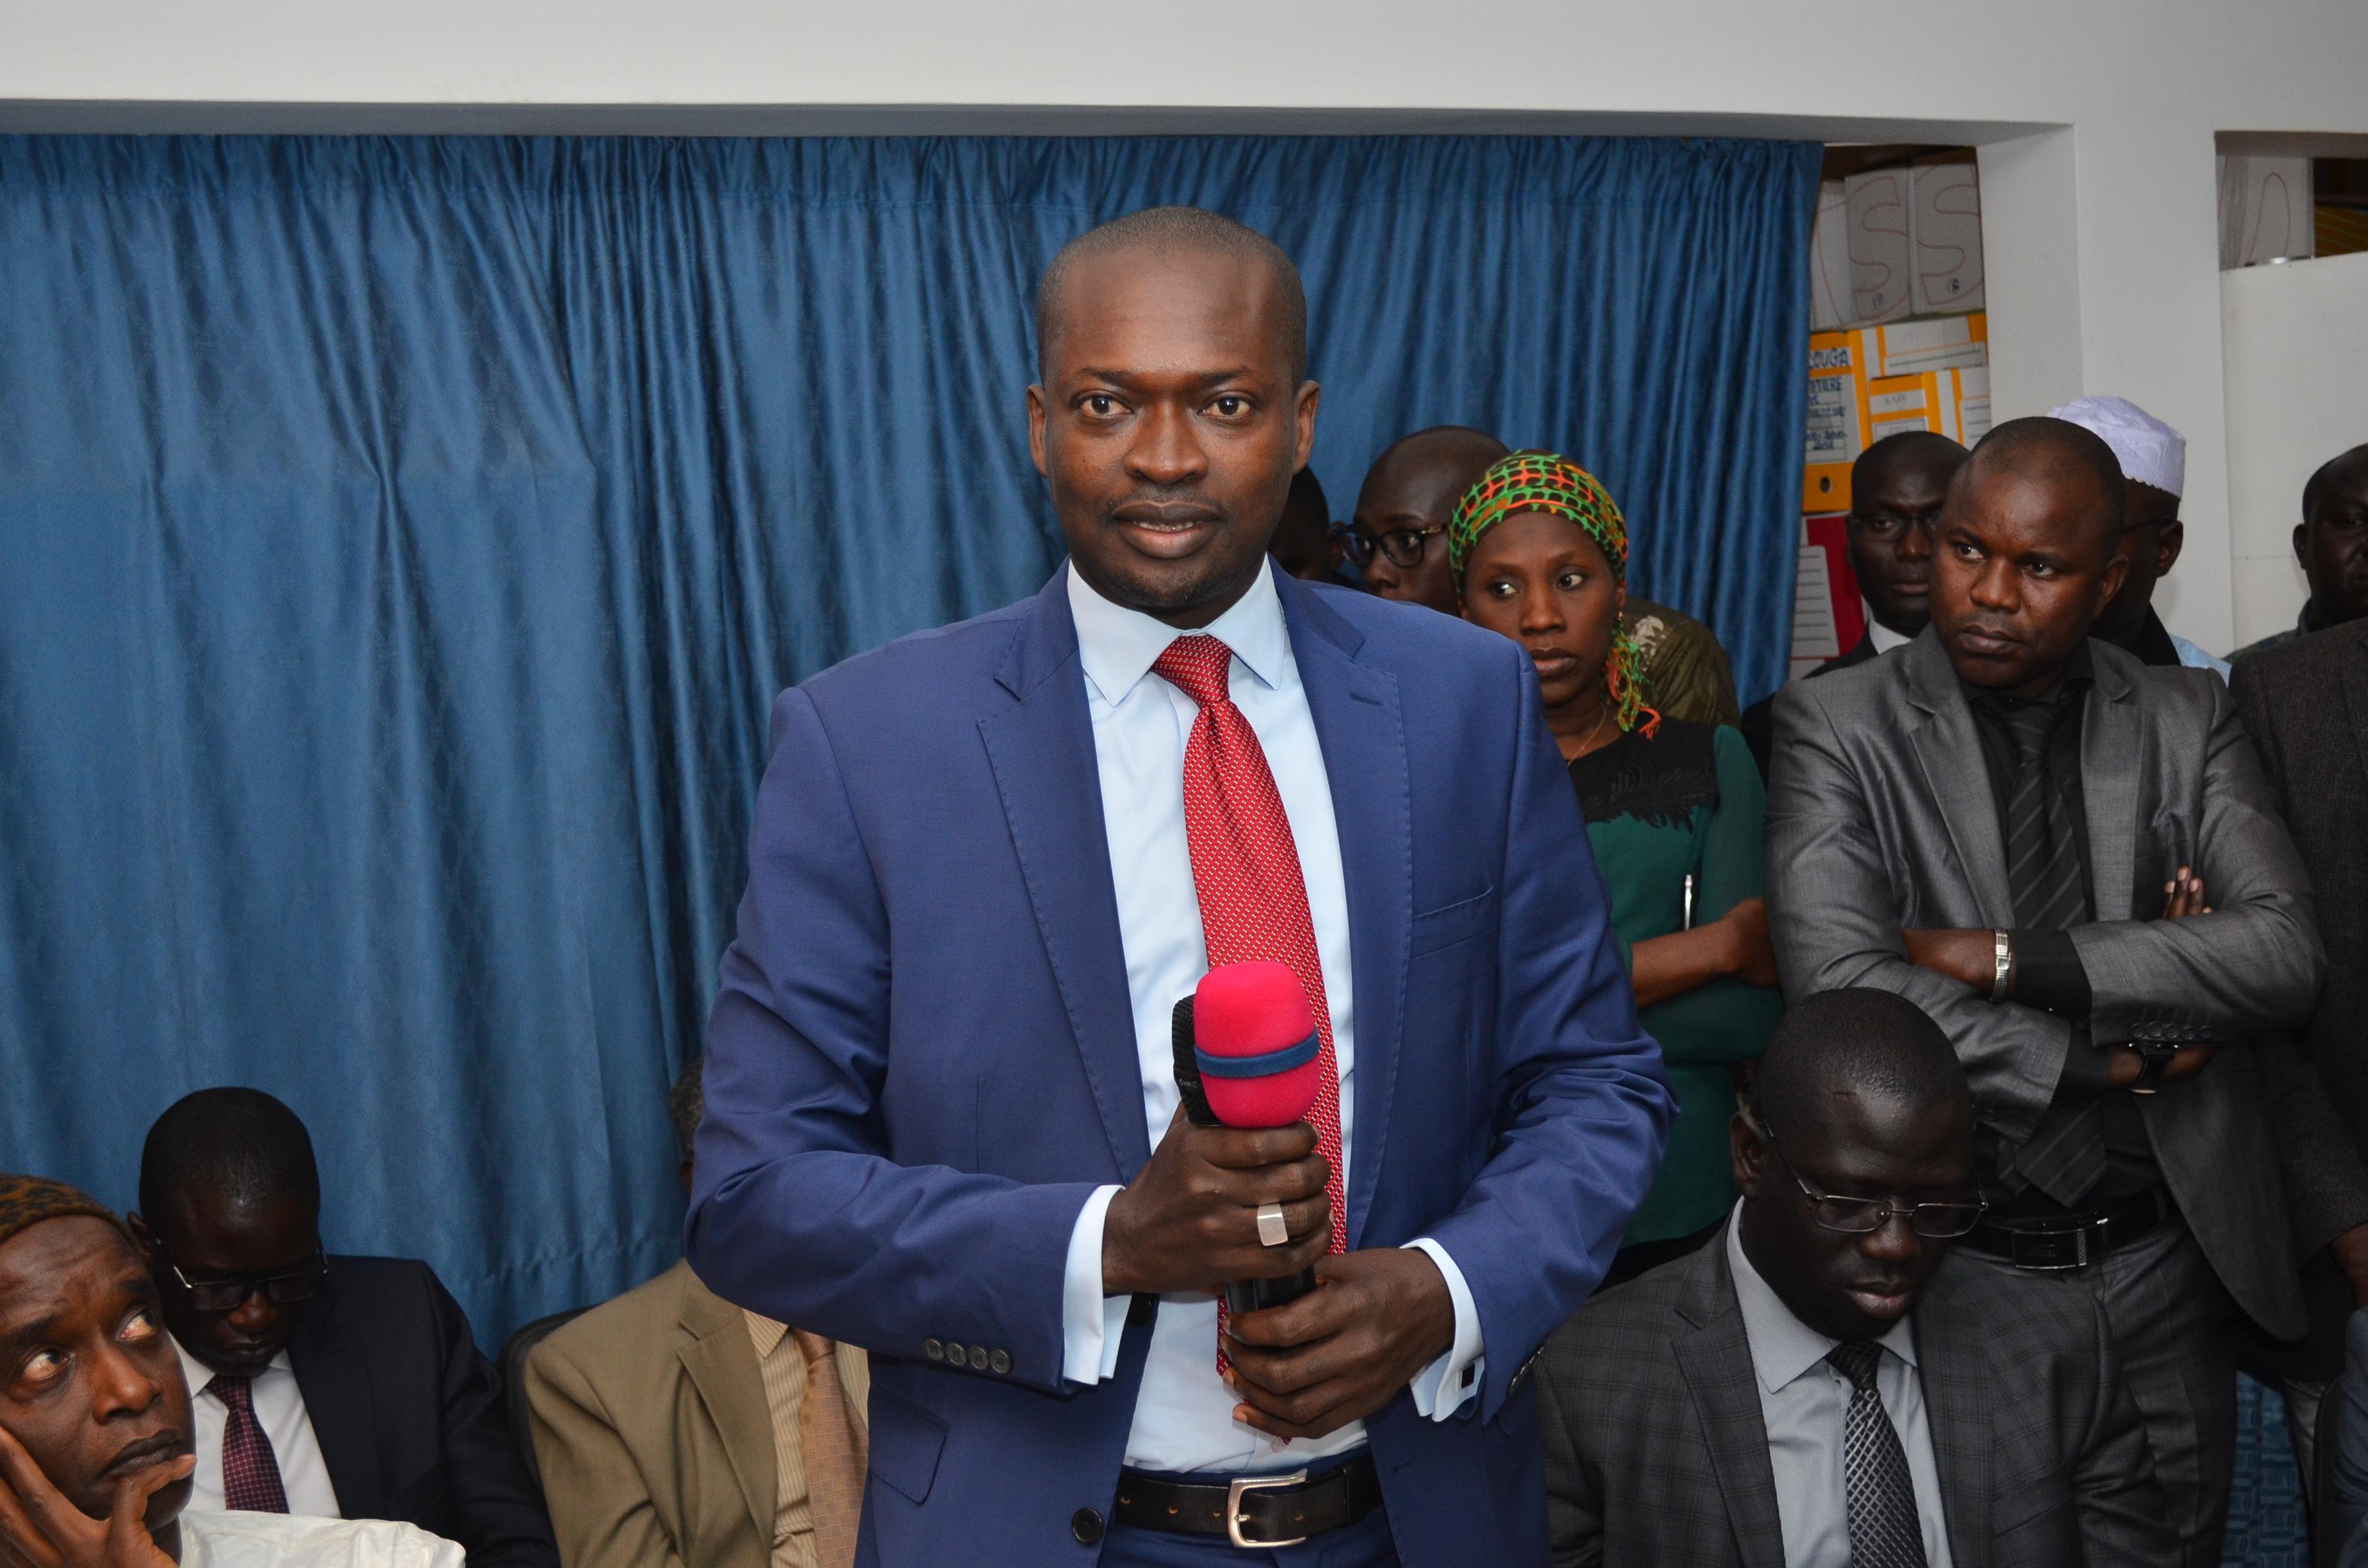 Mamadou Thiaw Secrétaire exécutif du PNDL  appuie le chef de l'état pour le rayonnement des collectivités locales de Dakar